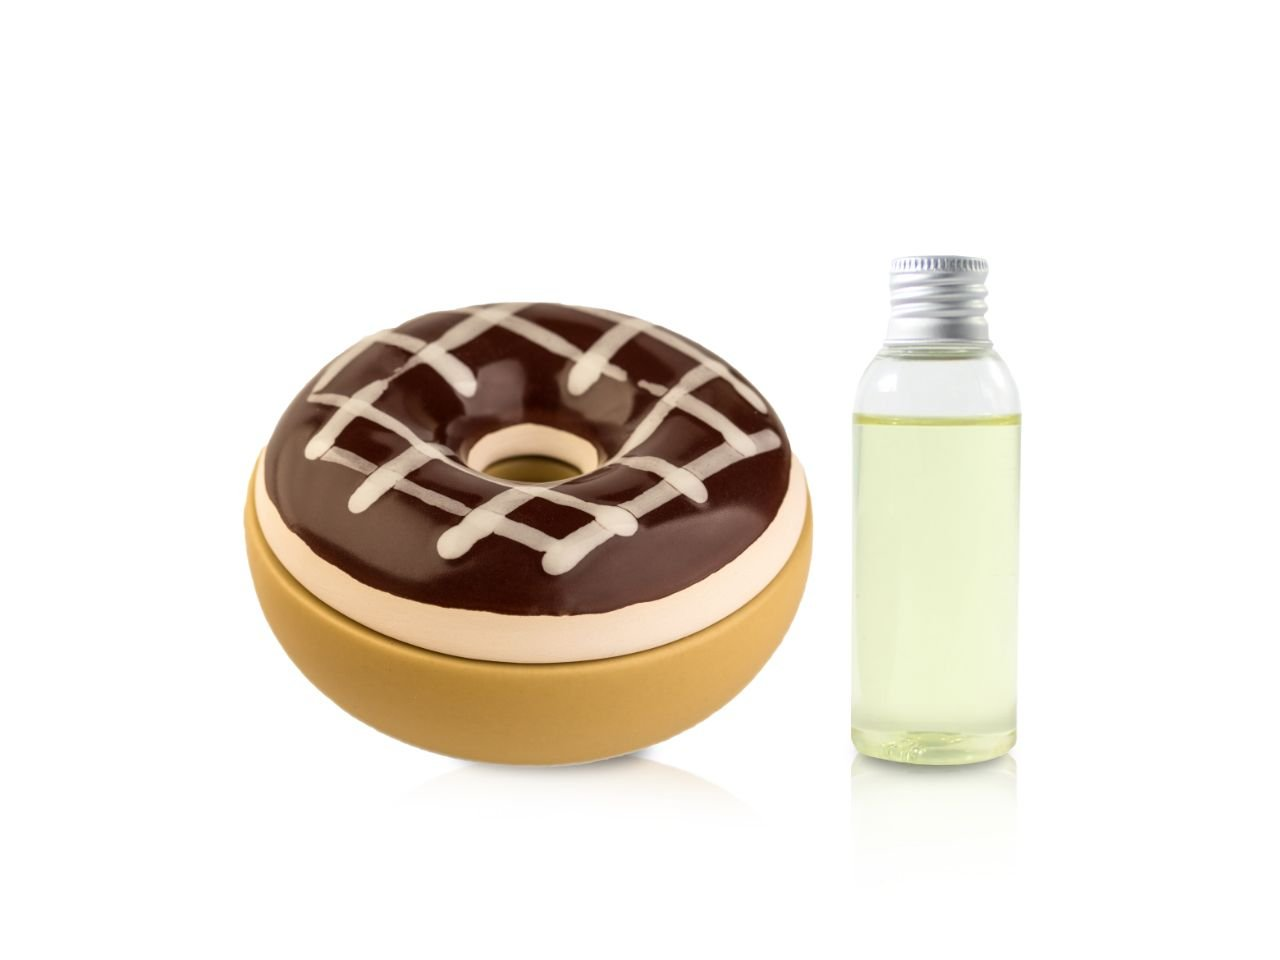 Diffusore Ambiente Donuts Marrone 50 Ml - v1